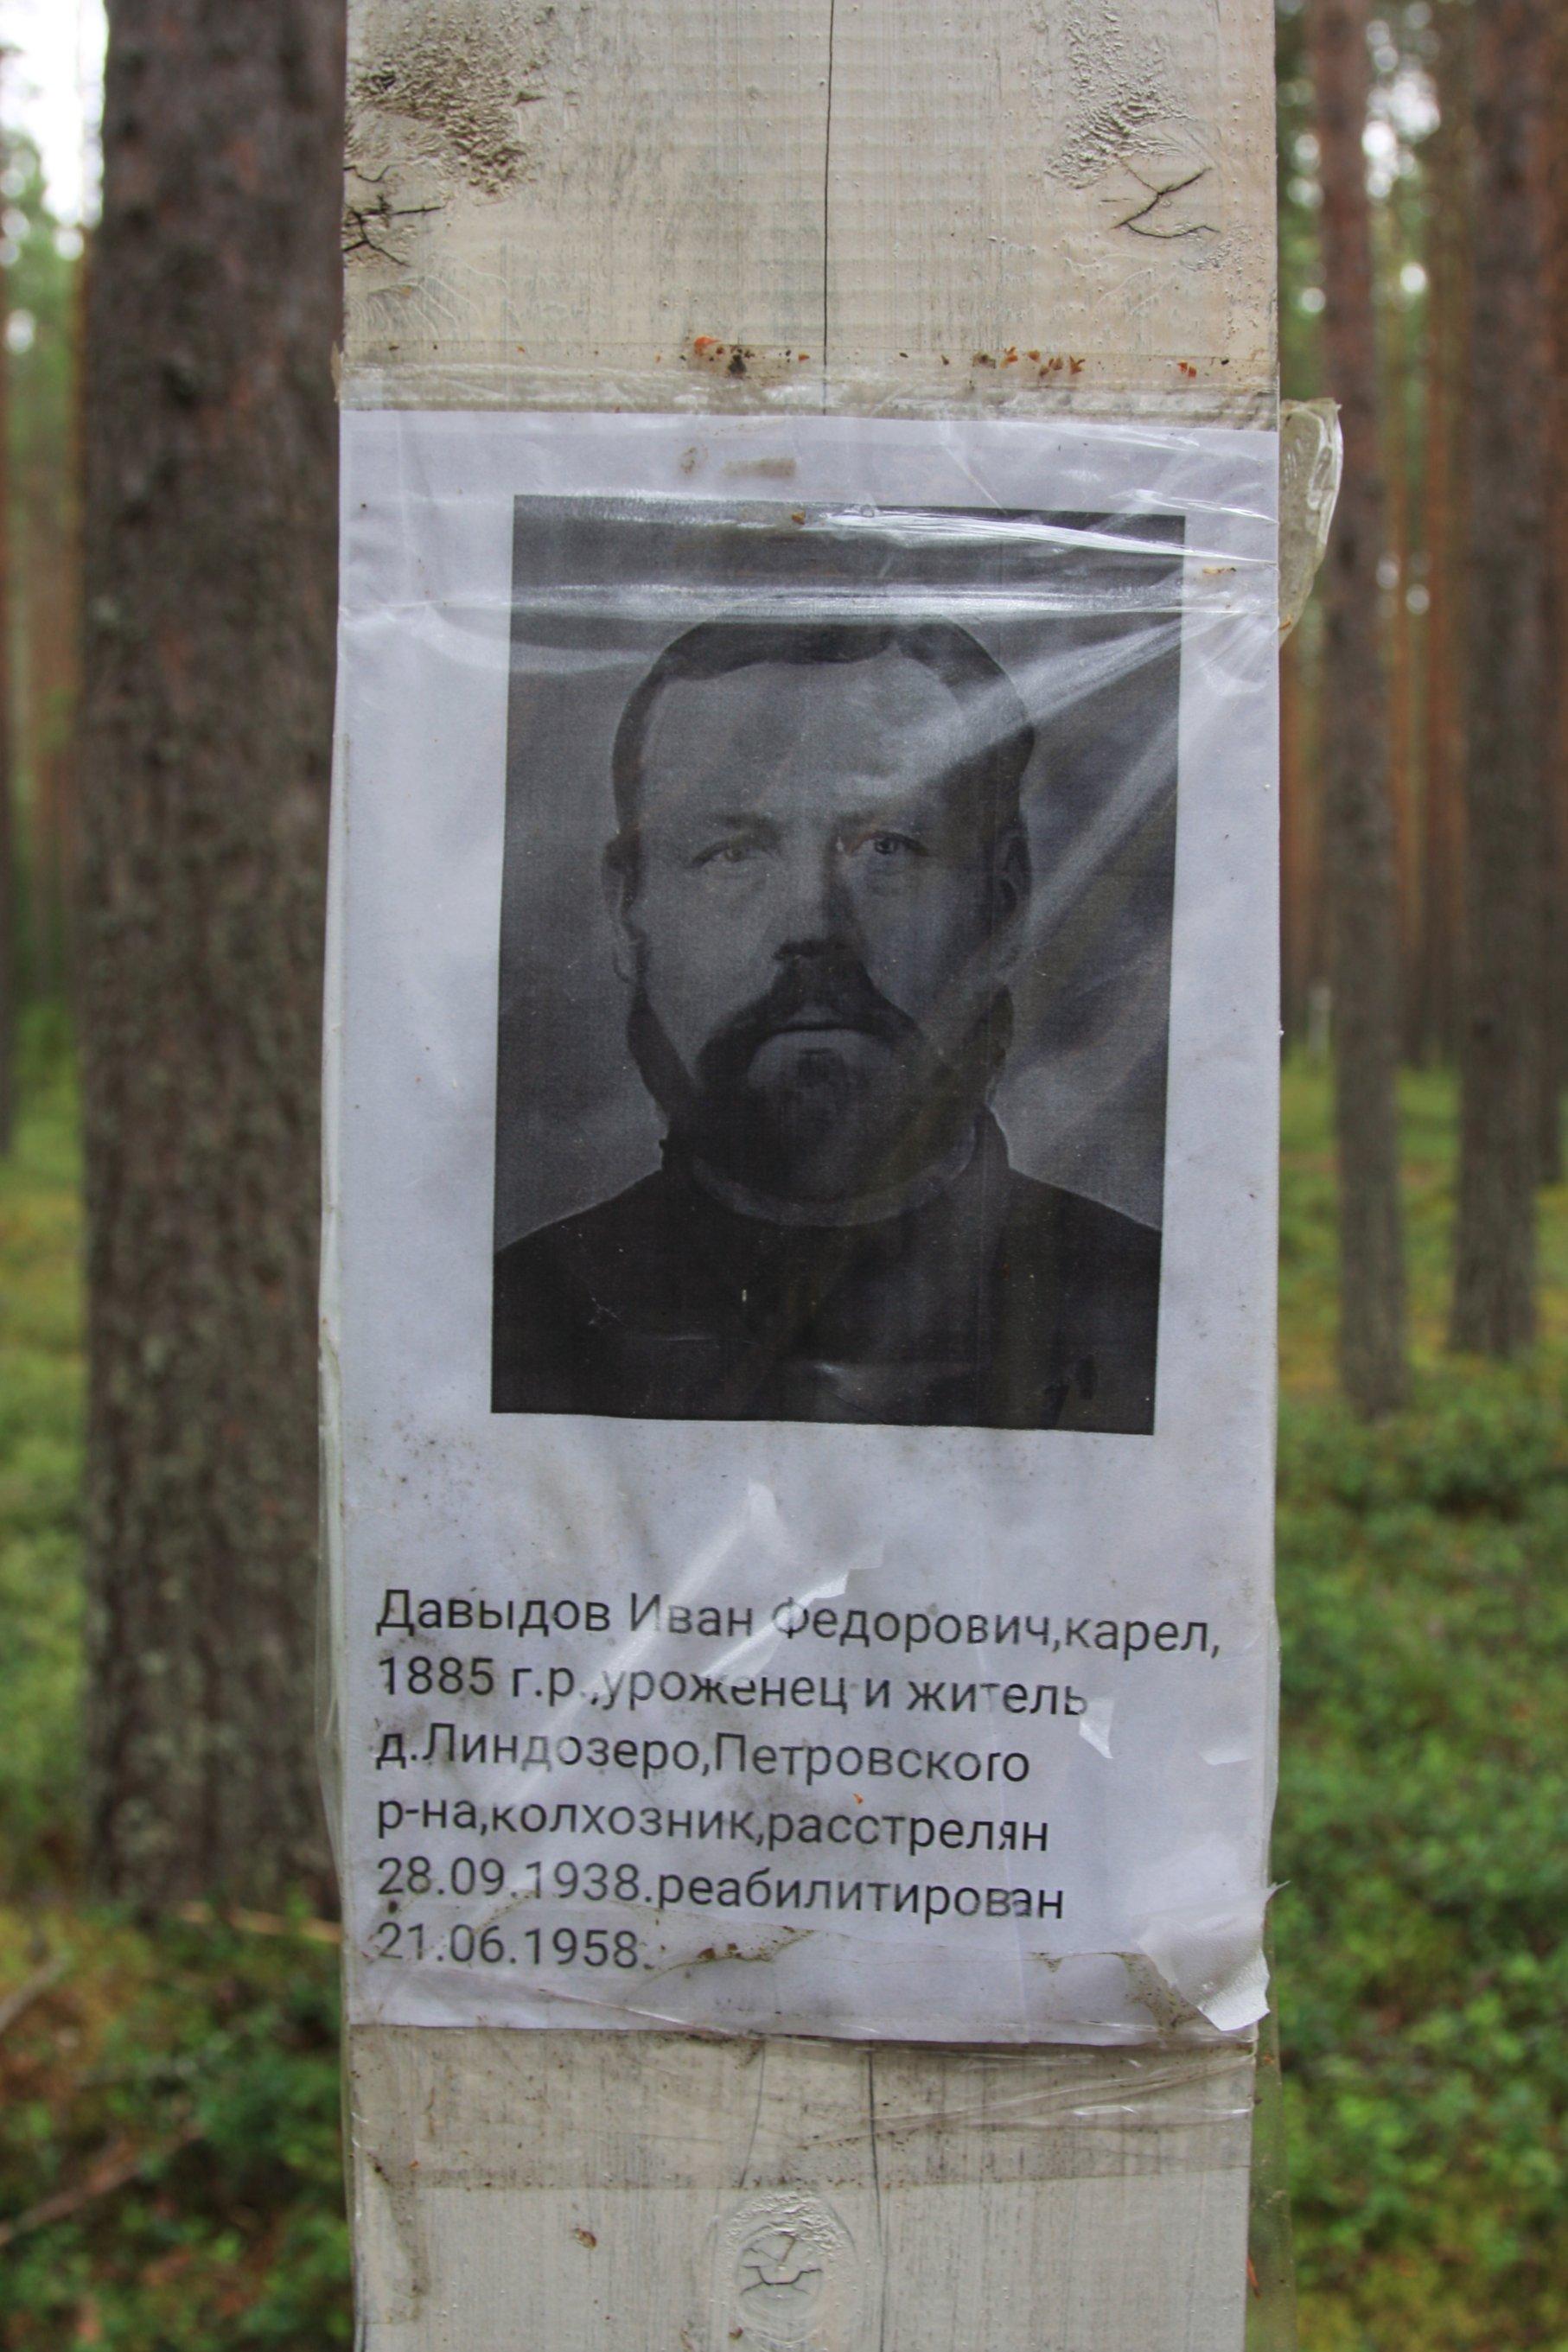 Памятный знак «Давыдов Иван Федорович». Фото 04.08.2018.